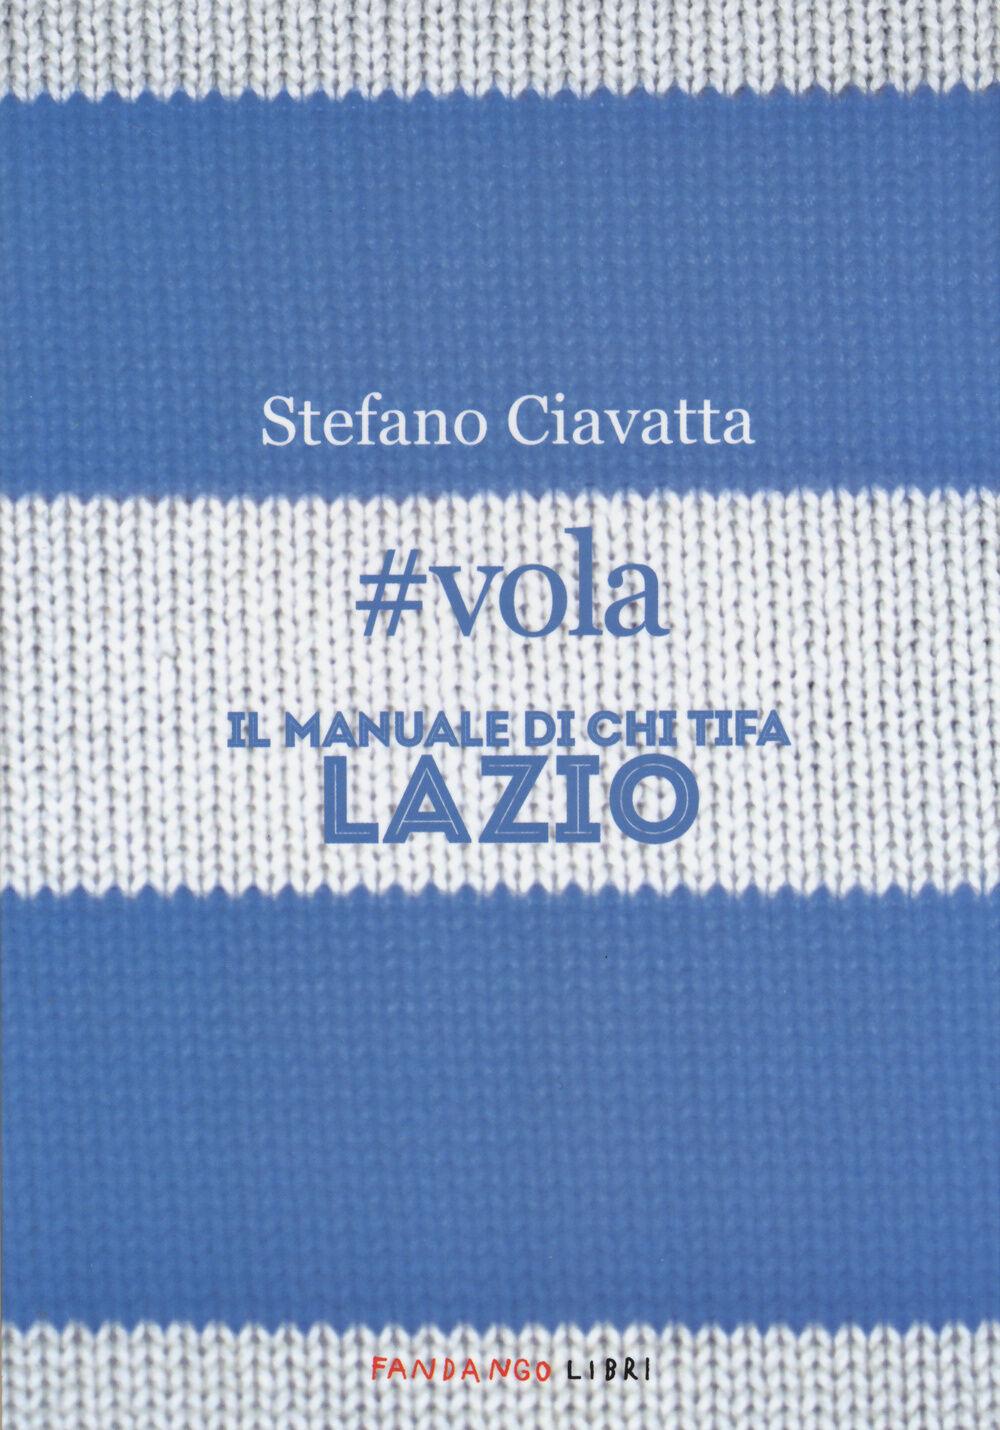 #vola. Il manuale di chi tifa Lazio